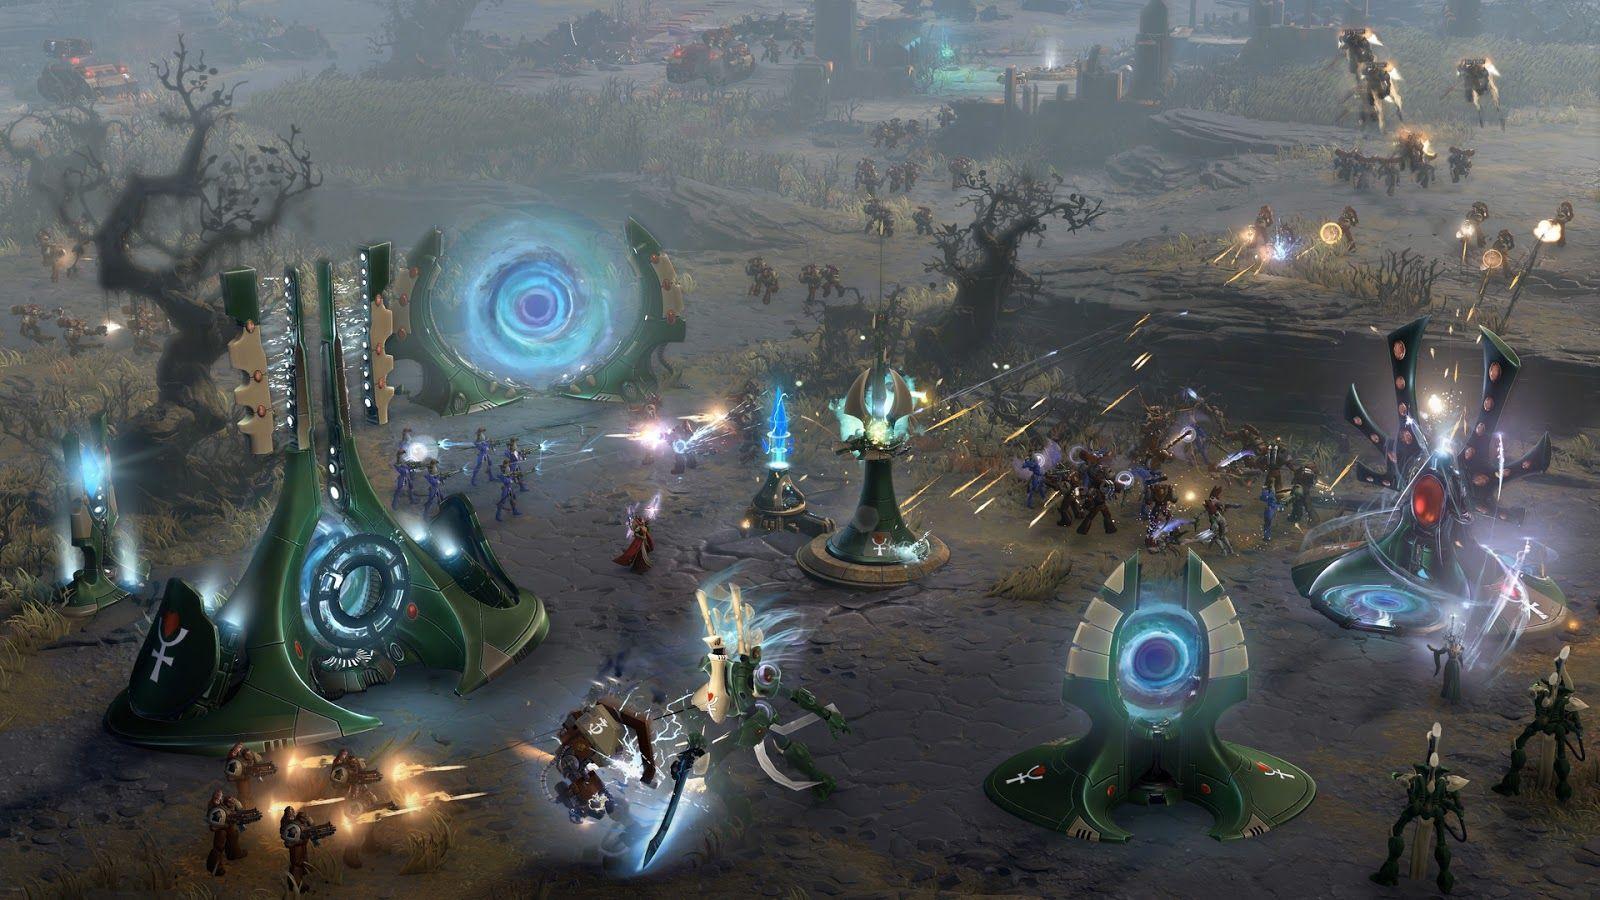 Warhammer 40,000 Dawn of War III Game Screenshot 14 War